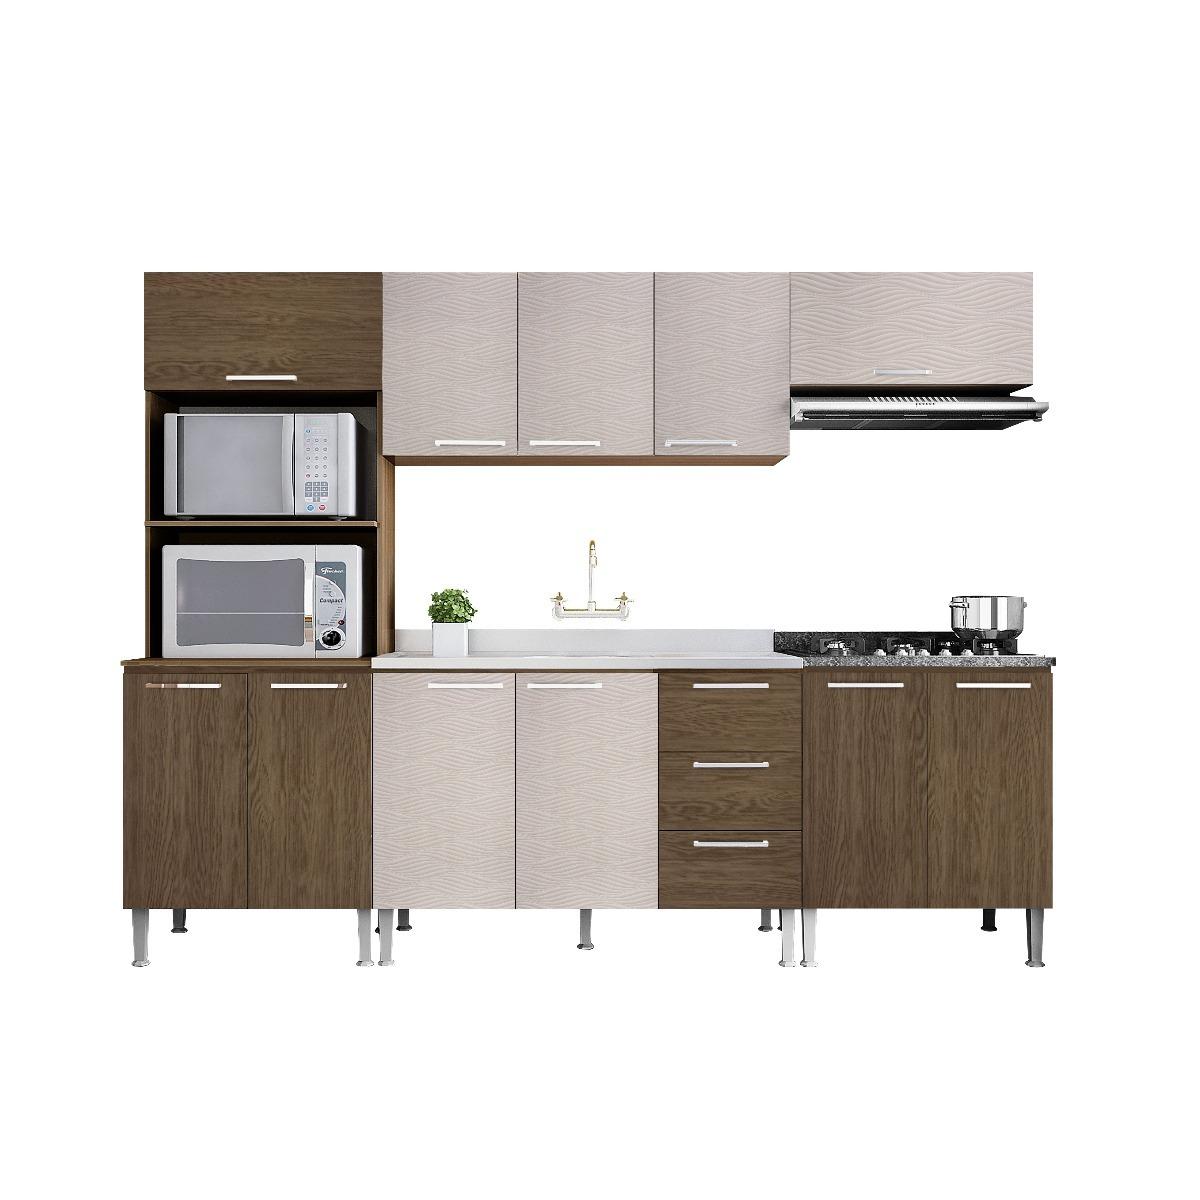 Kit Mueble De Cocina - Modelo Bianca - $ 168.990 en Mercado Libre